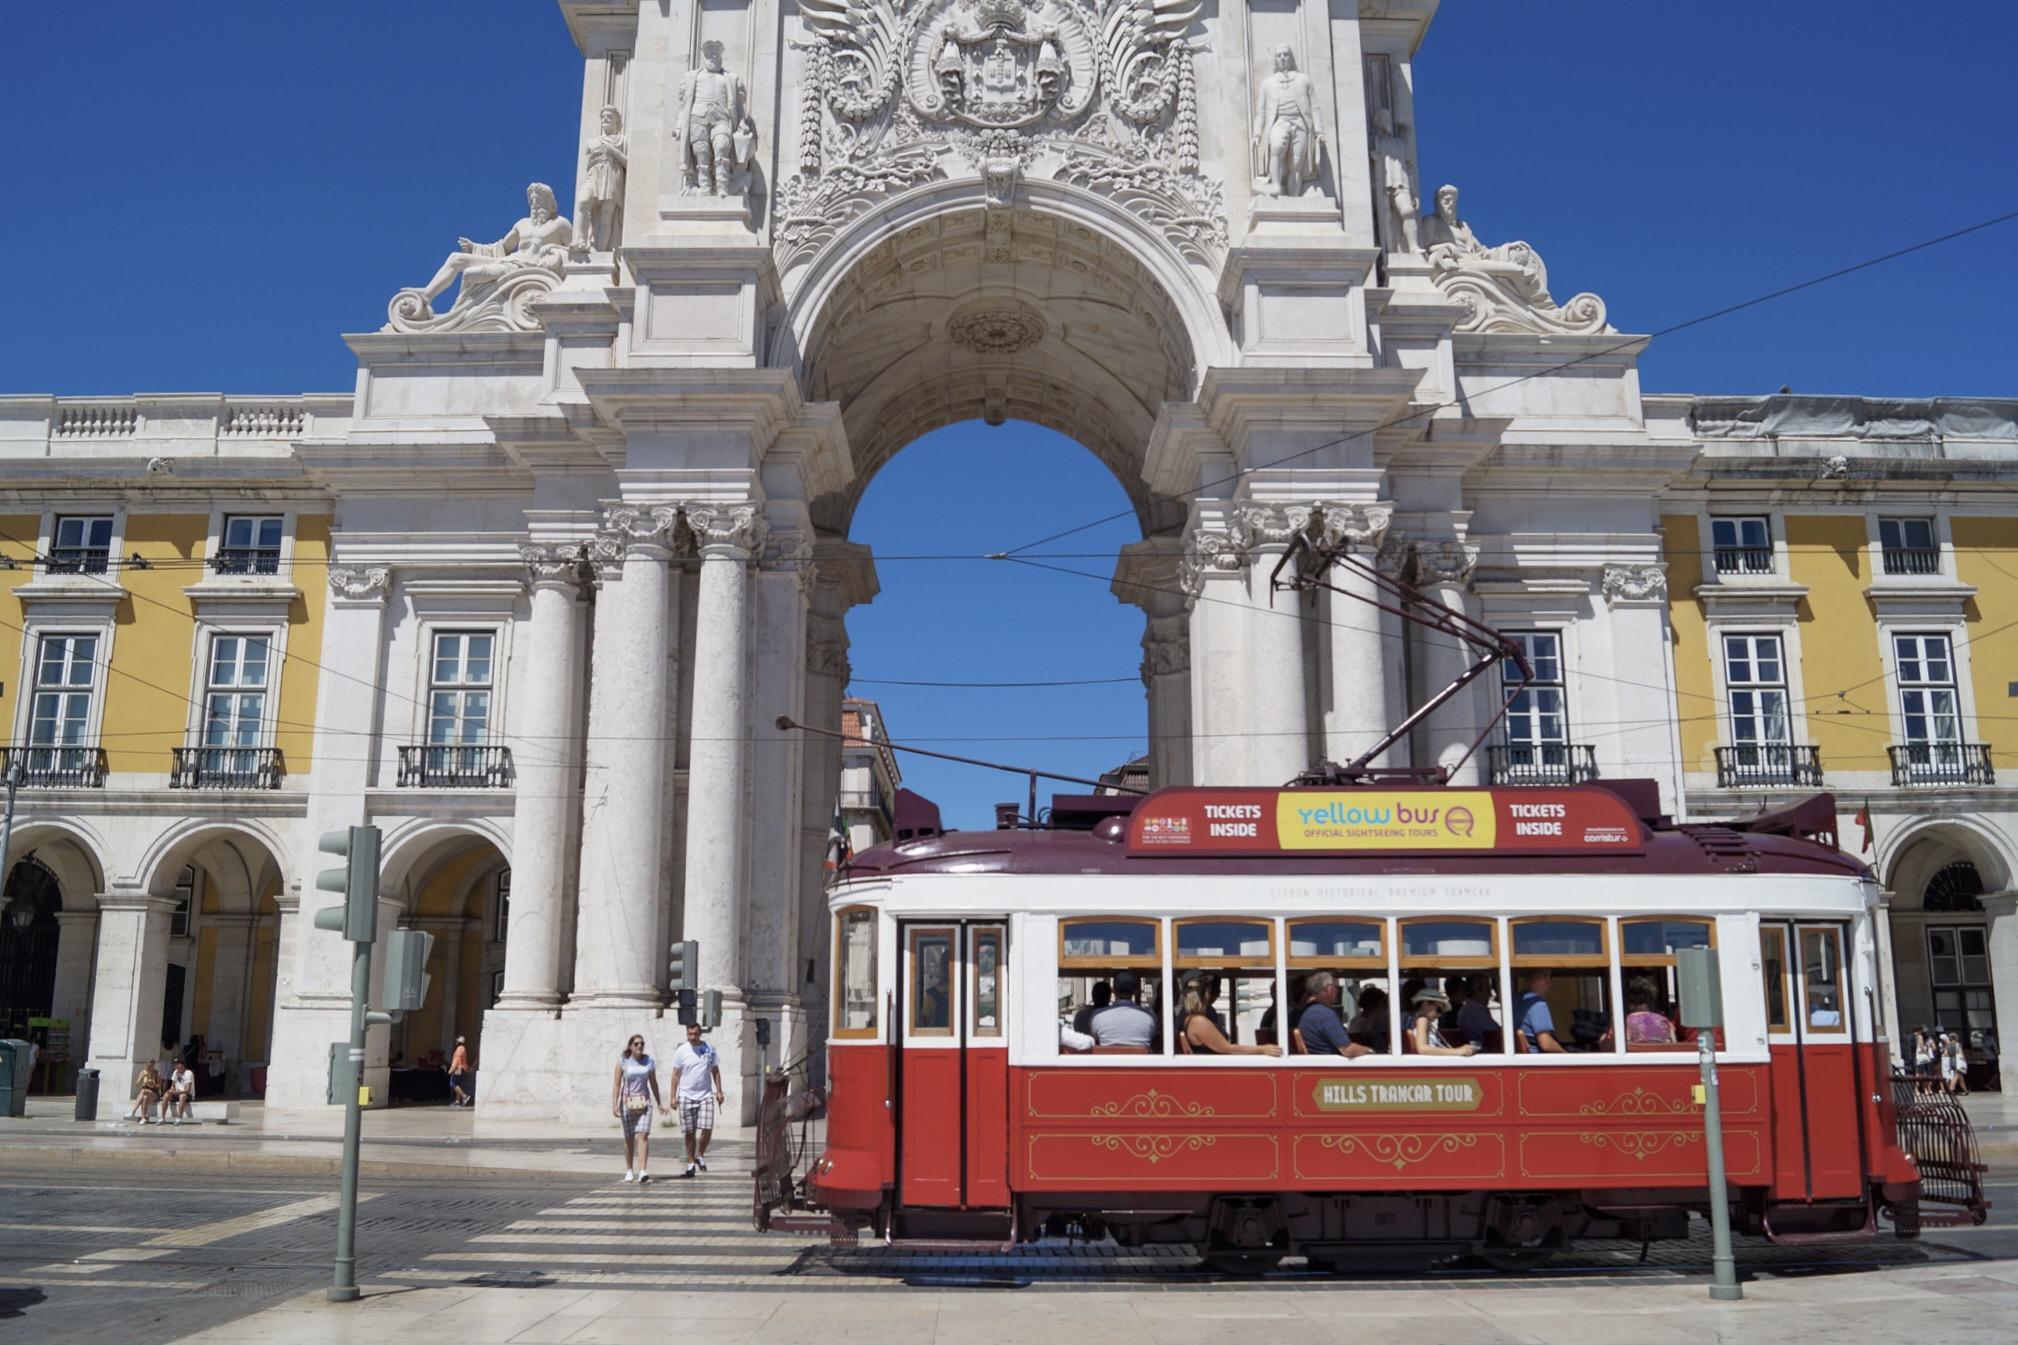 Lissabon ist eine der schönsten Städte in Europa